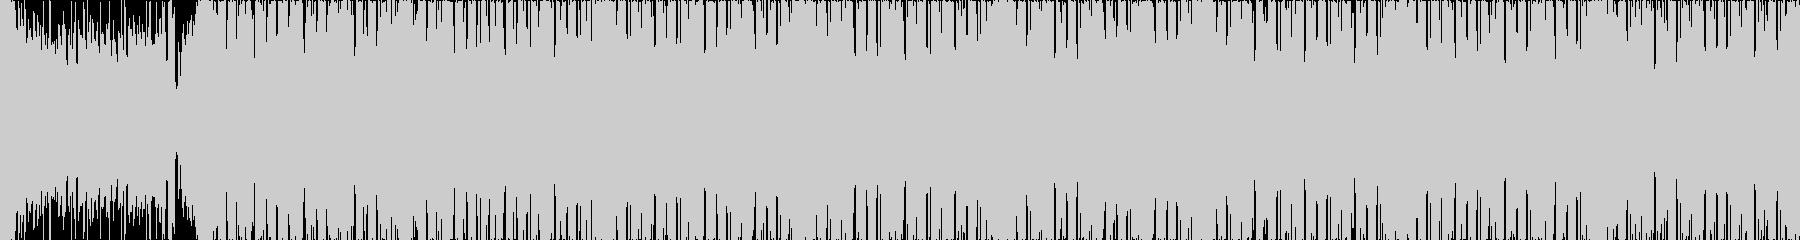 疾走感のある暗い雰囲気のエレクトロ楽曲Lの未再生の波形